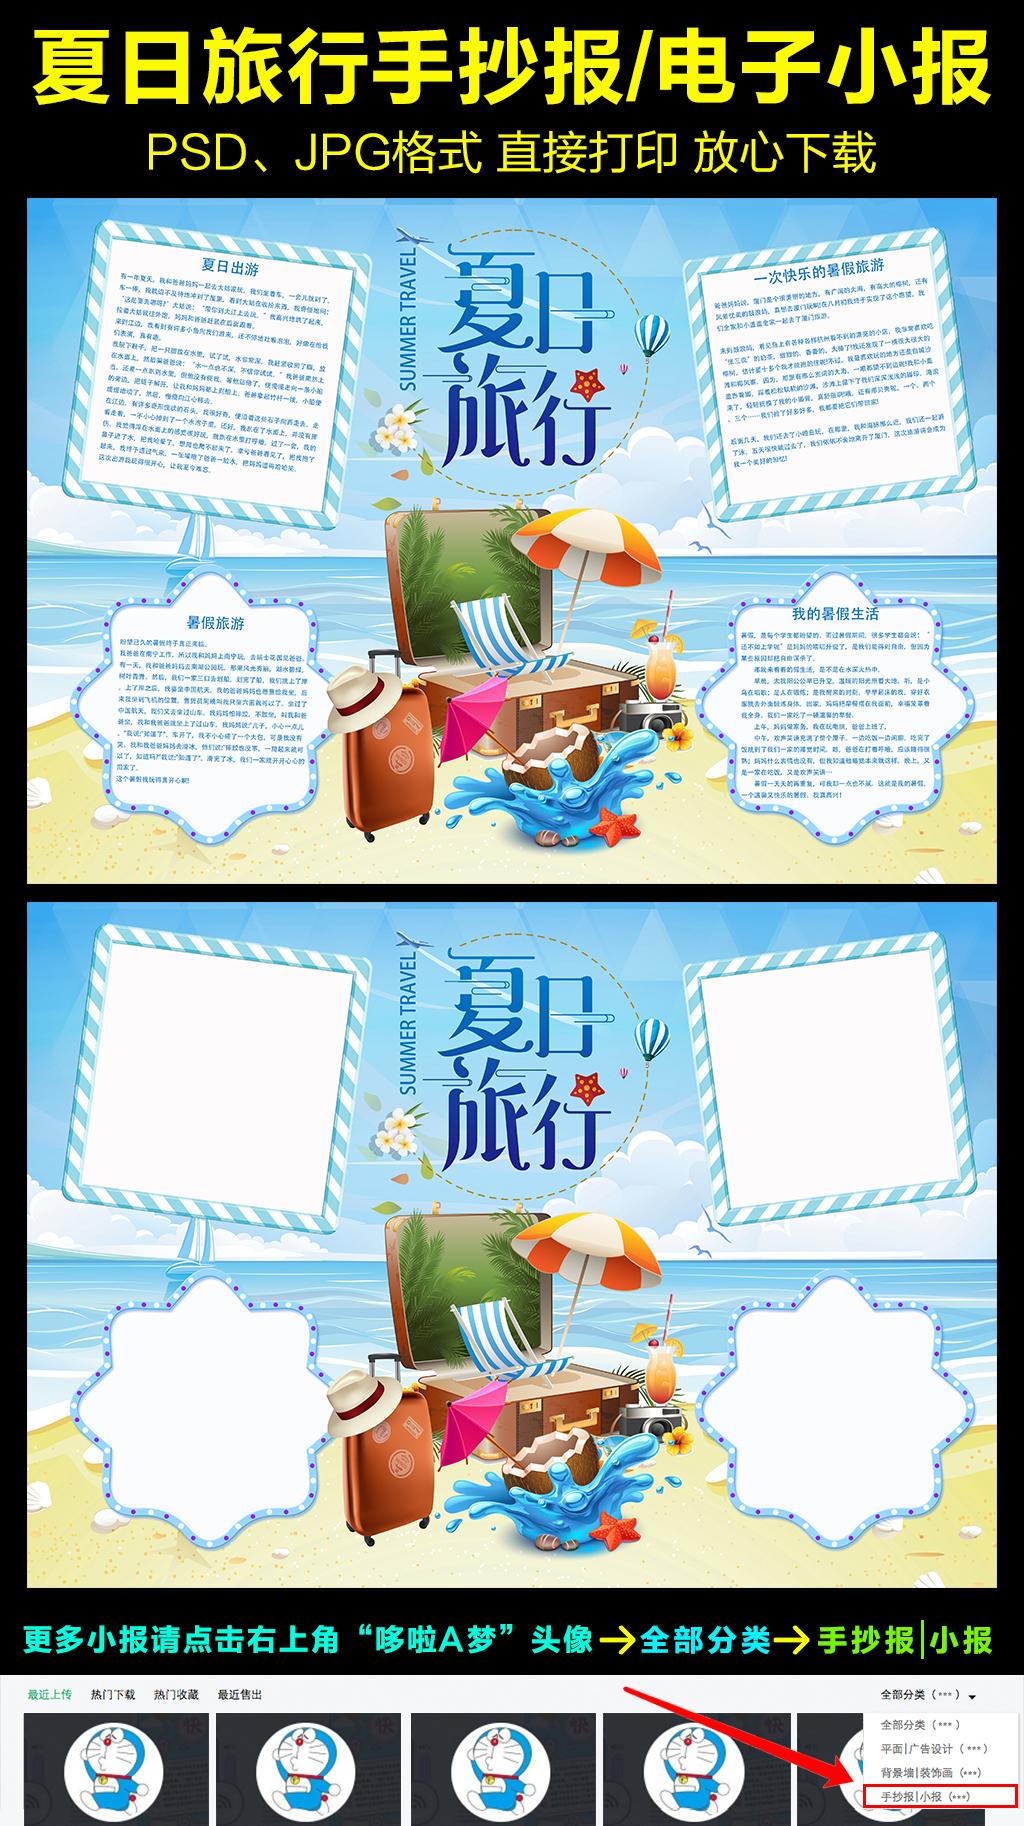 旅行小报暑假生活旅游手抄电子小报边框